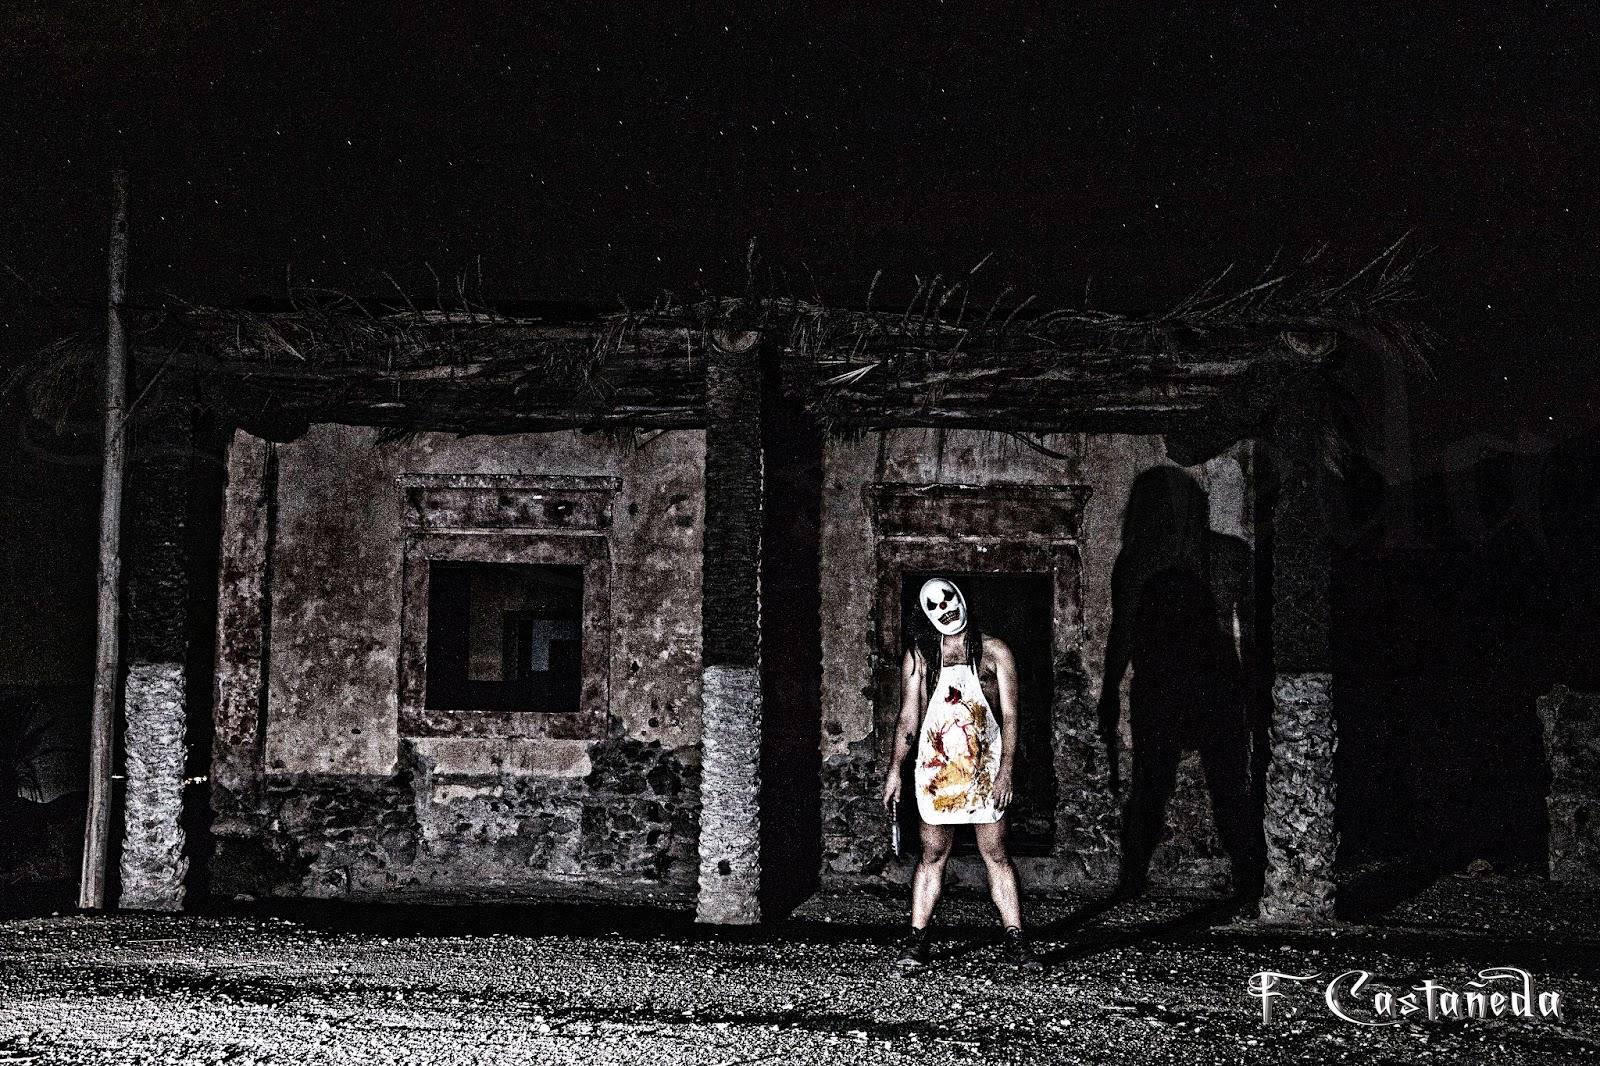 F Castaneda Fotografias Las Imagenes Mas Terrorificas De Este - Imagenes-terrorificas-de-halloween